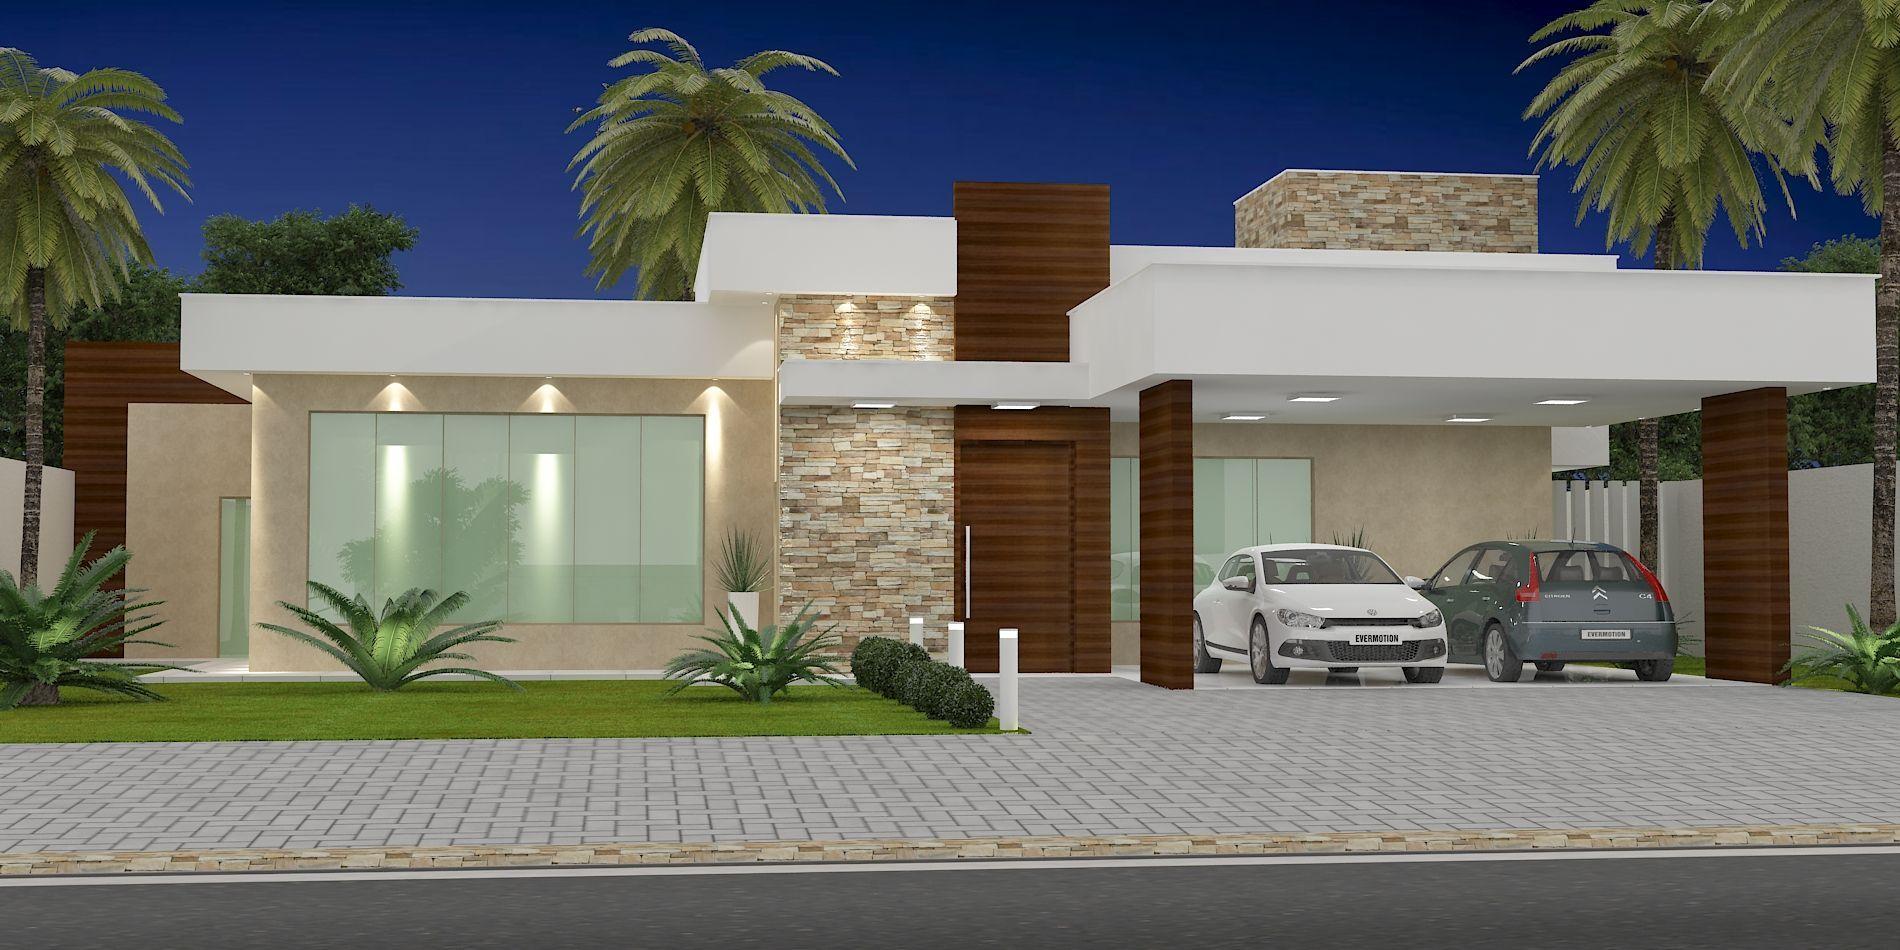 Fachada casa t rrea fotos em 2019 bungalow house for Fachadas de casas rojas modernas